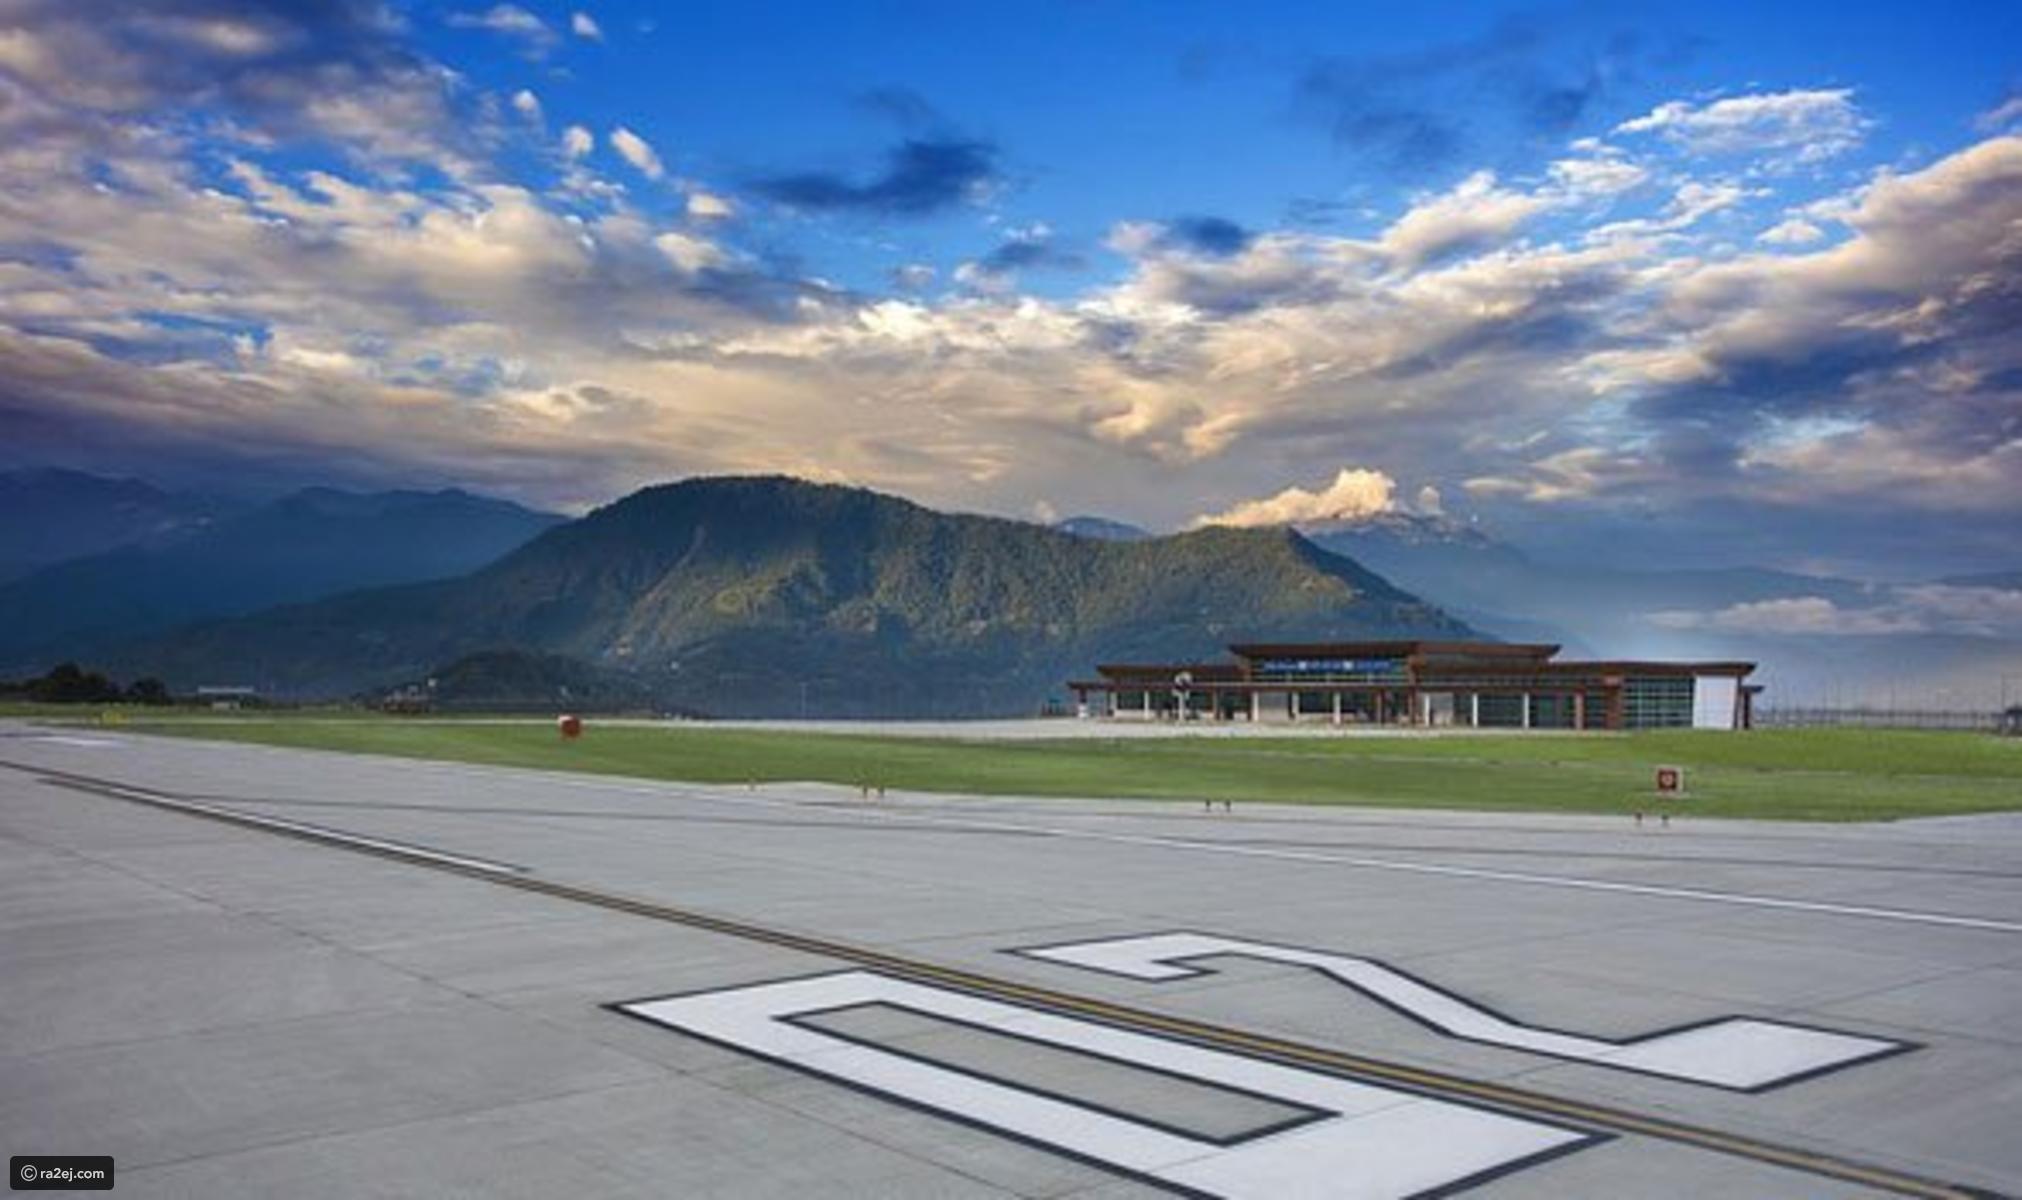 الهند تفتتح أحد أجمل المطارات العالمية 